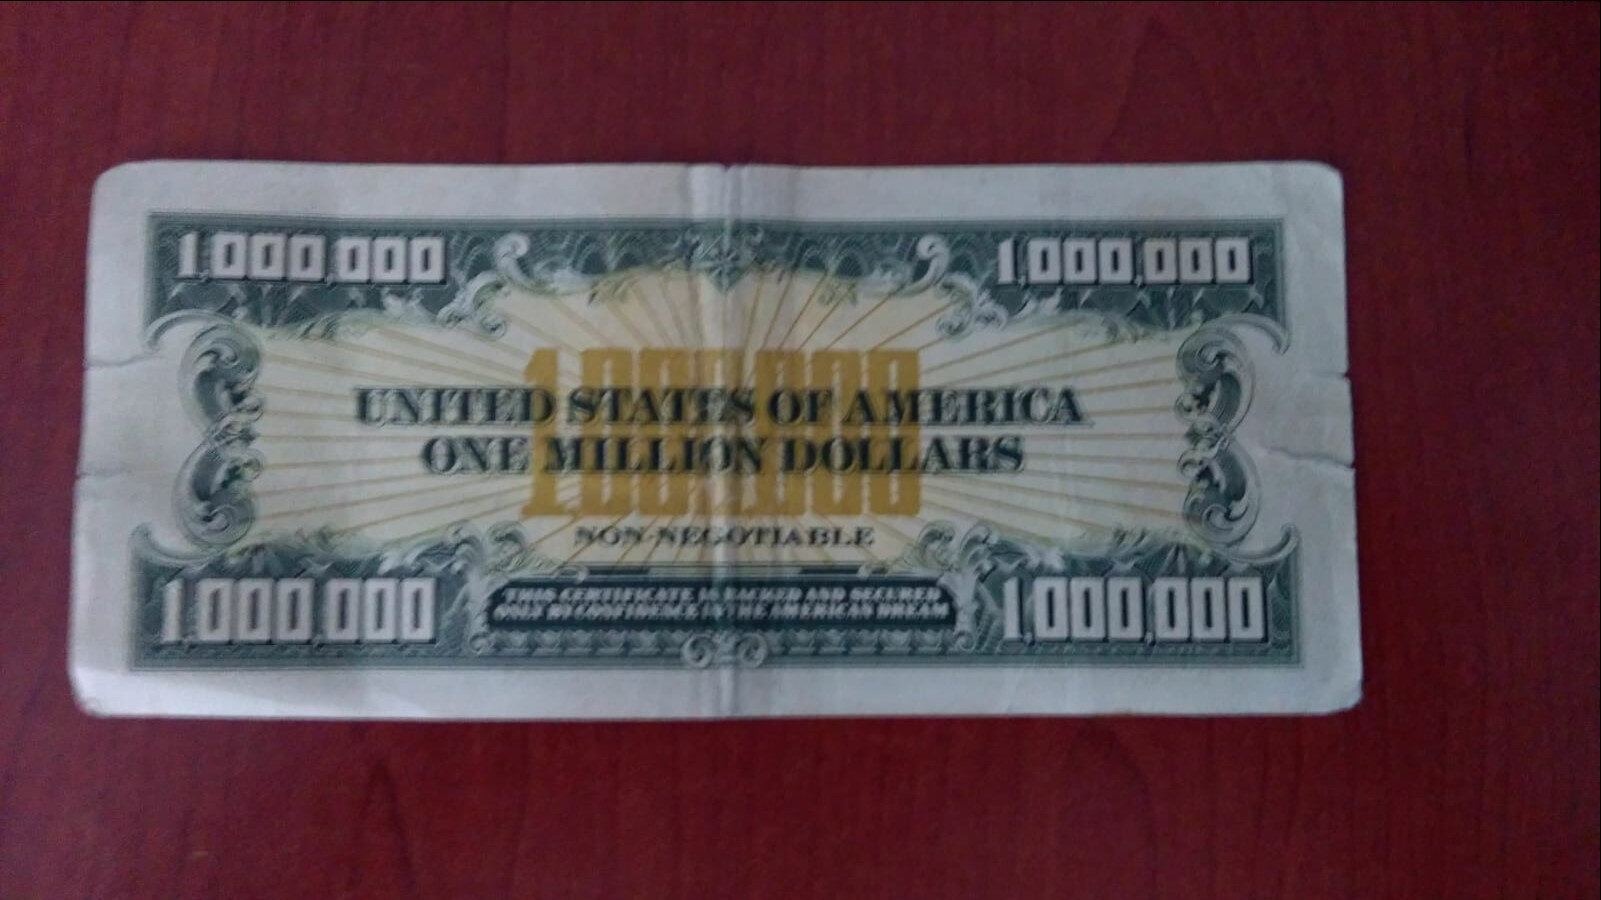 Uşak'ta 1 milyon dolarlık banknot ele geçirildin